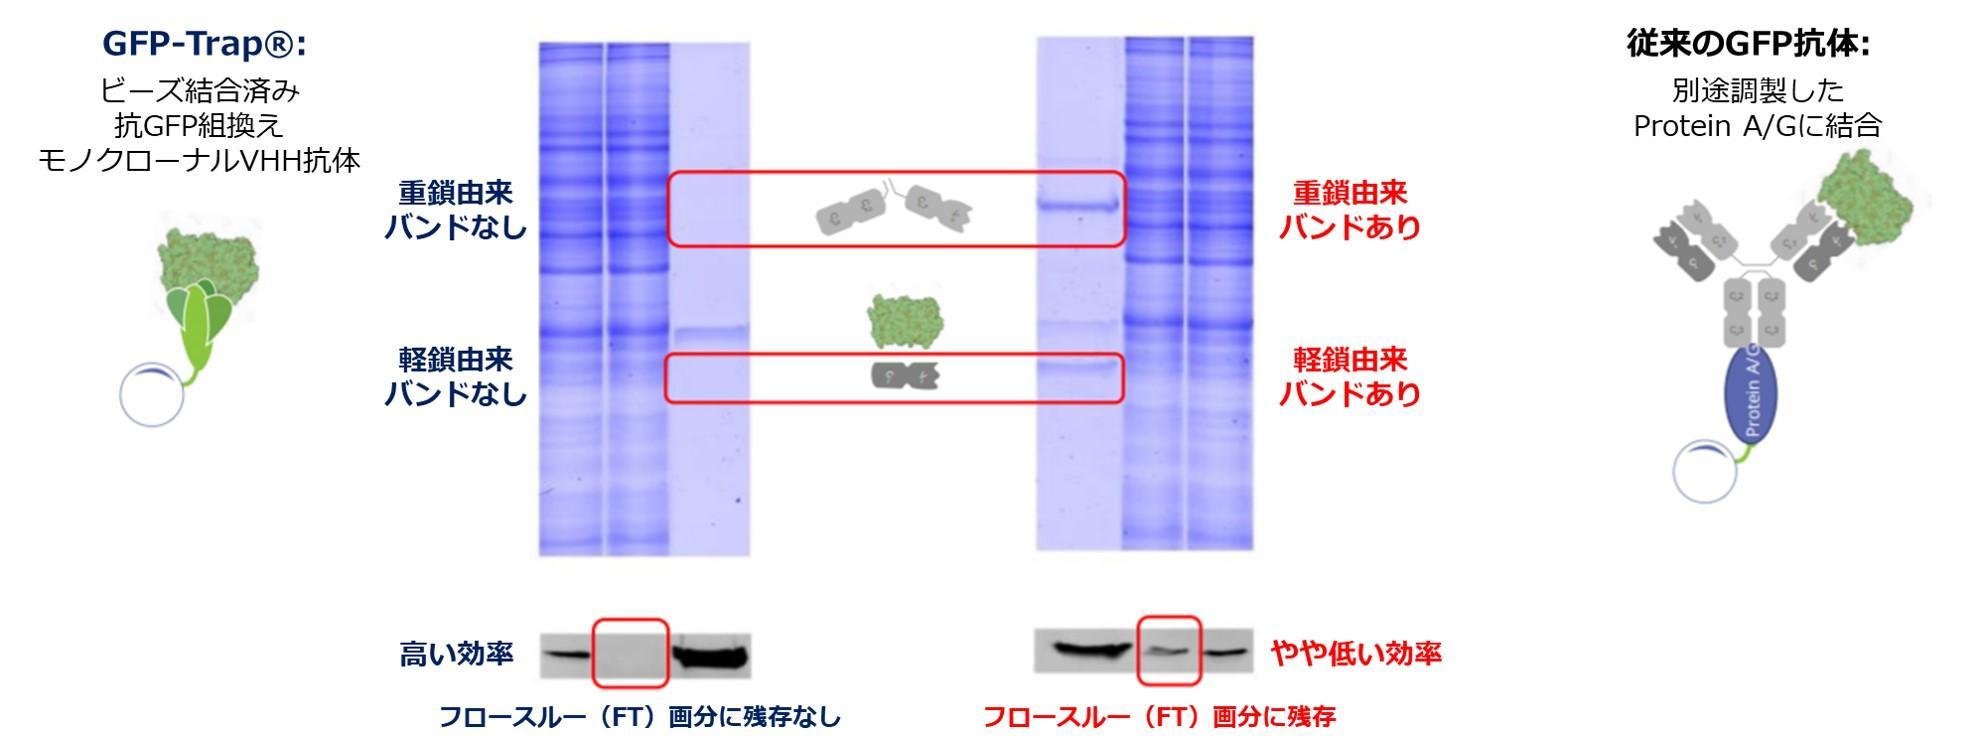 図4. Nano-Trapの使用例:GFP-Trap®を用いた高効率な免疫沈降(IP)と単一バンドの検出。